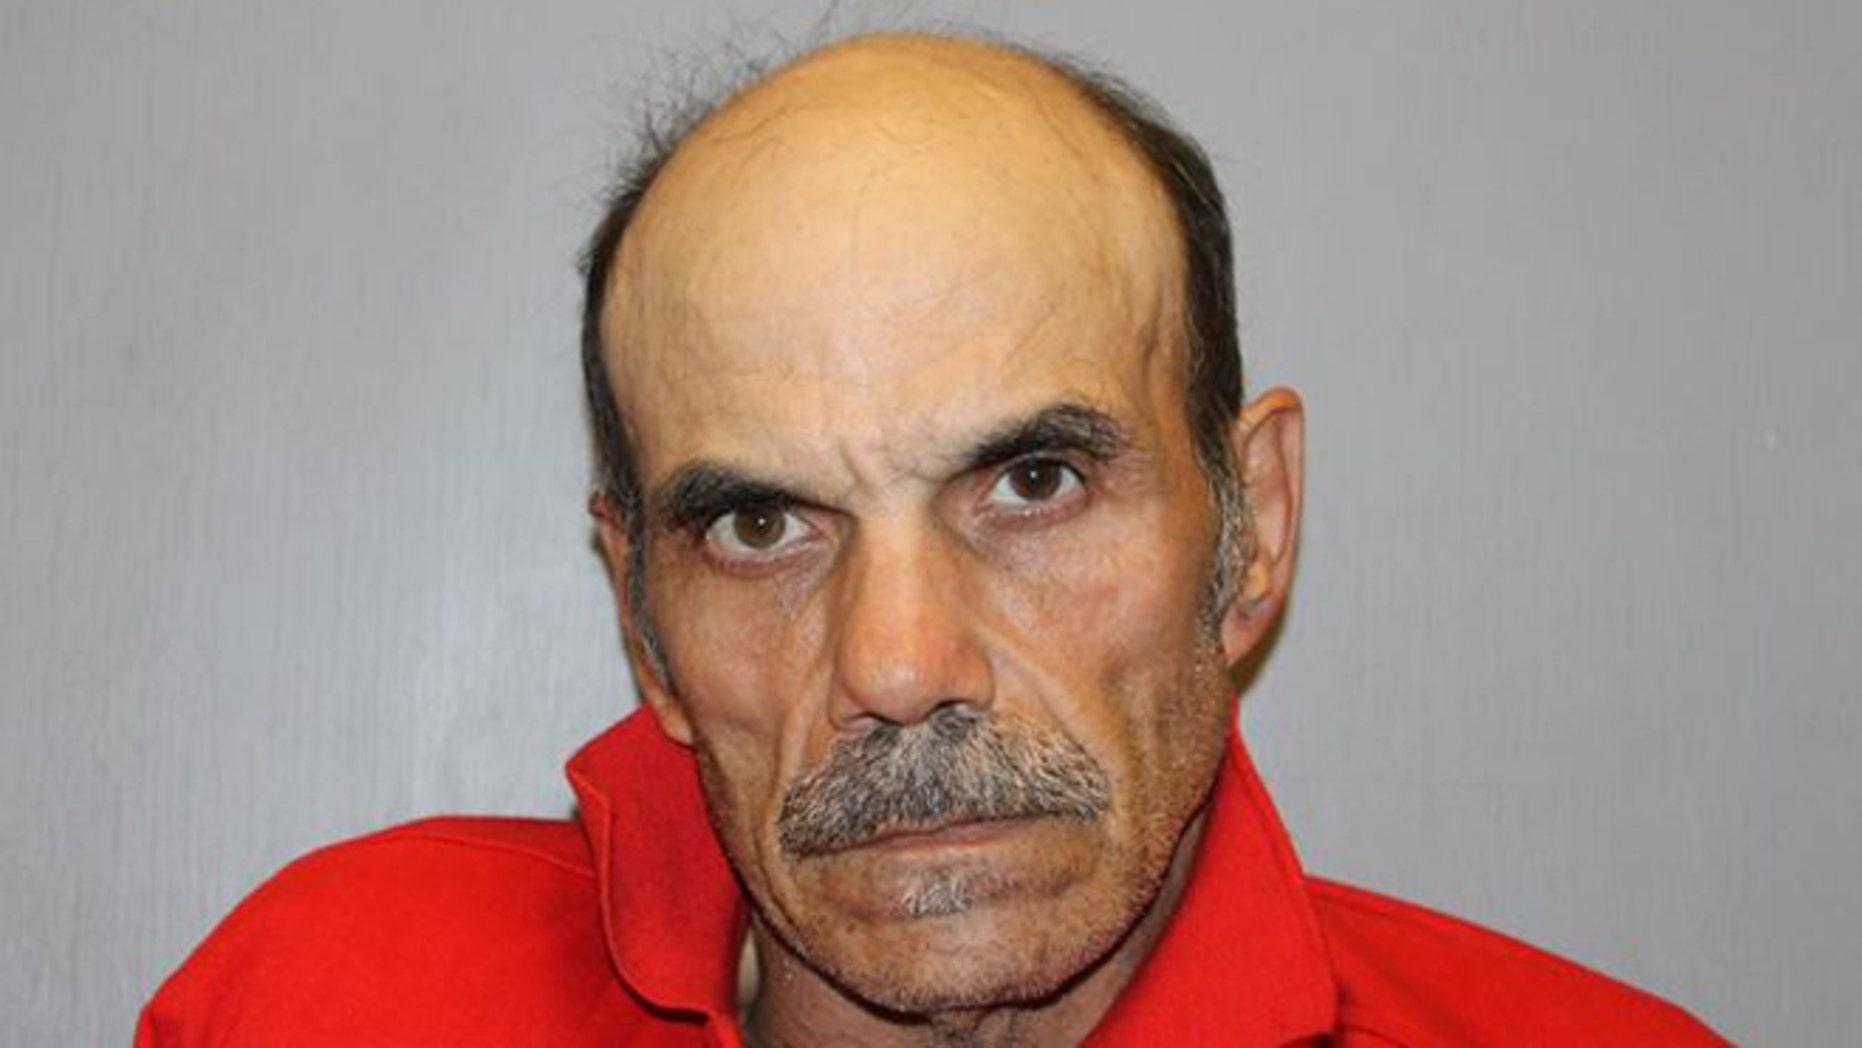 Mario Perez-Roque, 56.